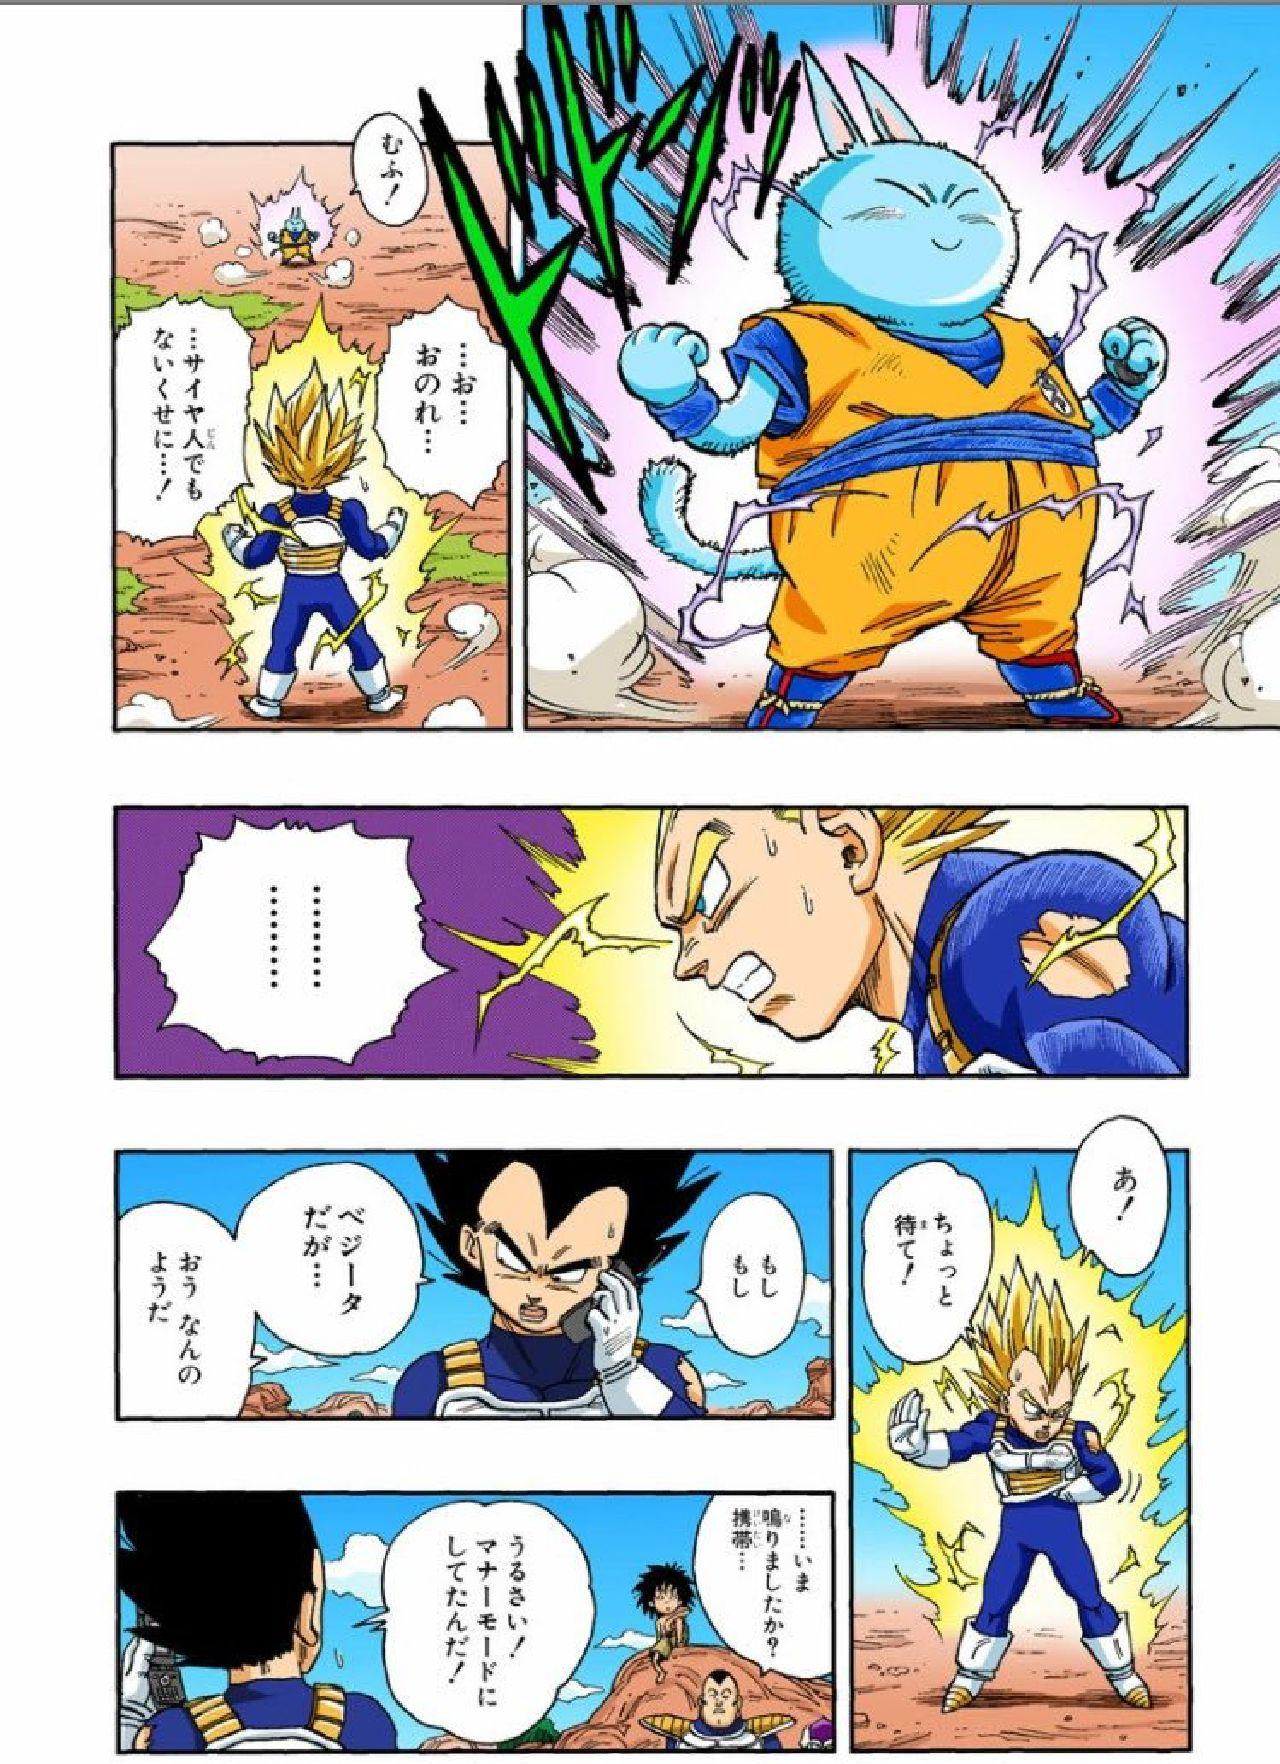 personajes de dragon ball nekomajin